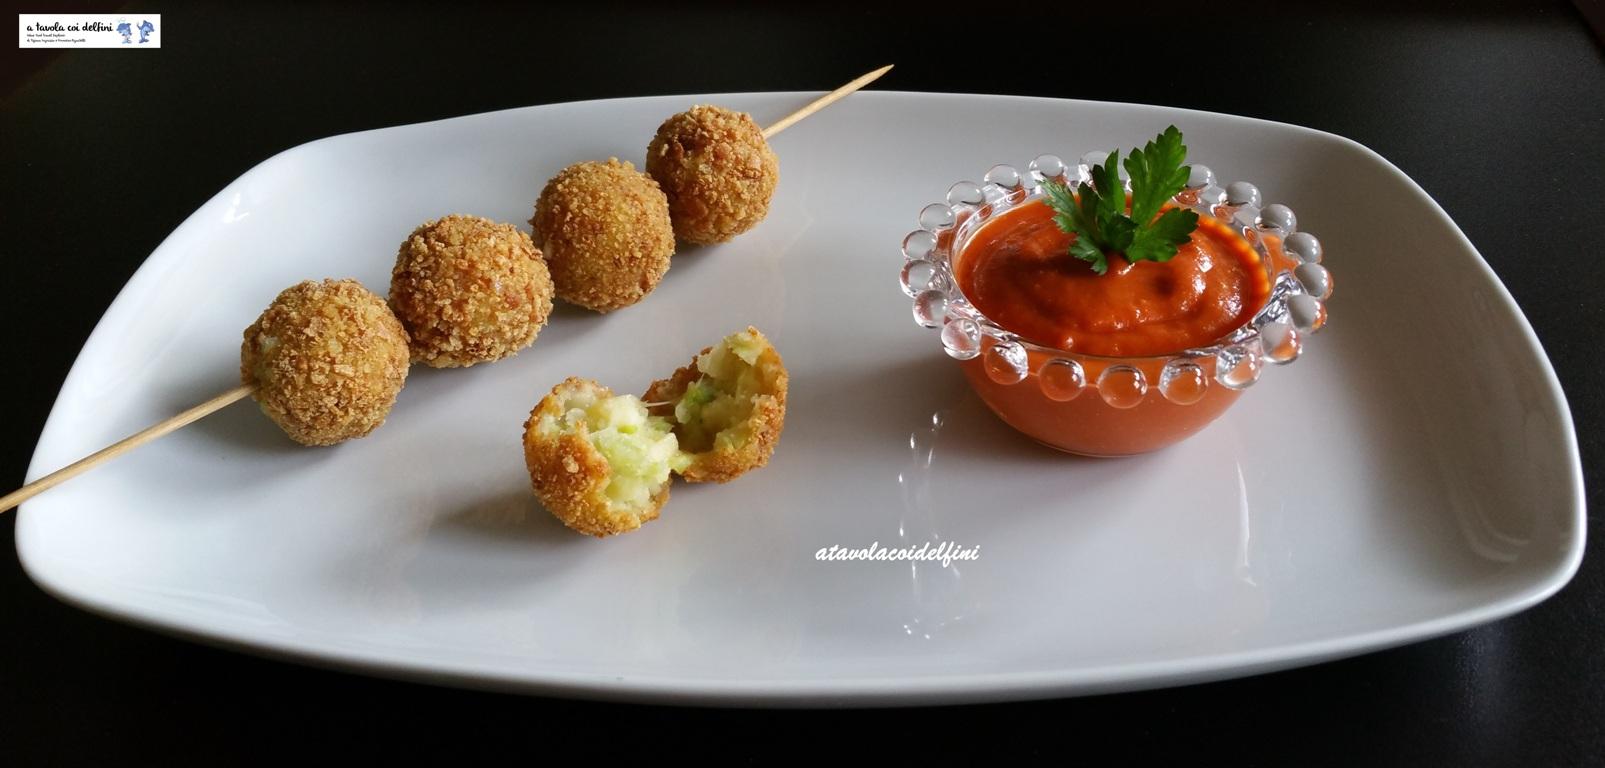 Crocchette di verza, patate e casera con salsa al pomodoro piccante